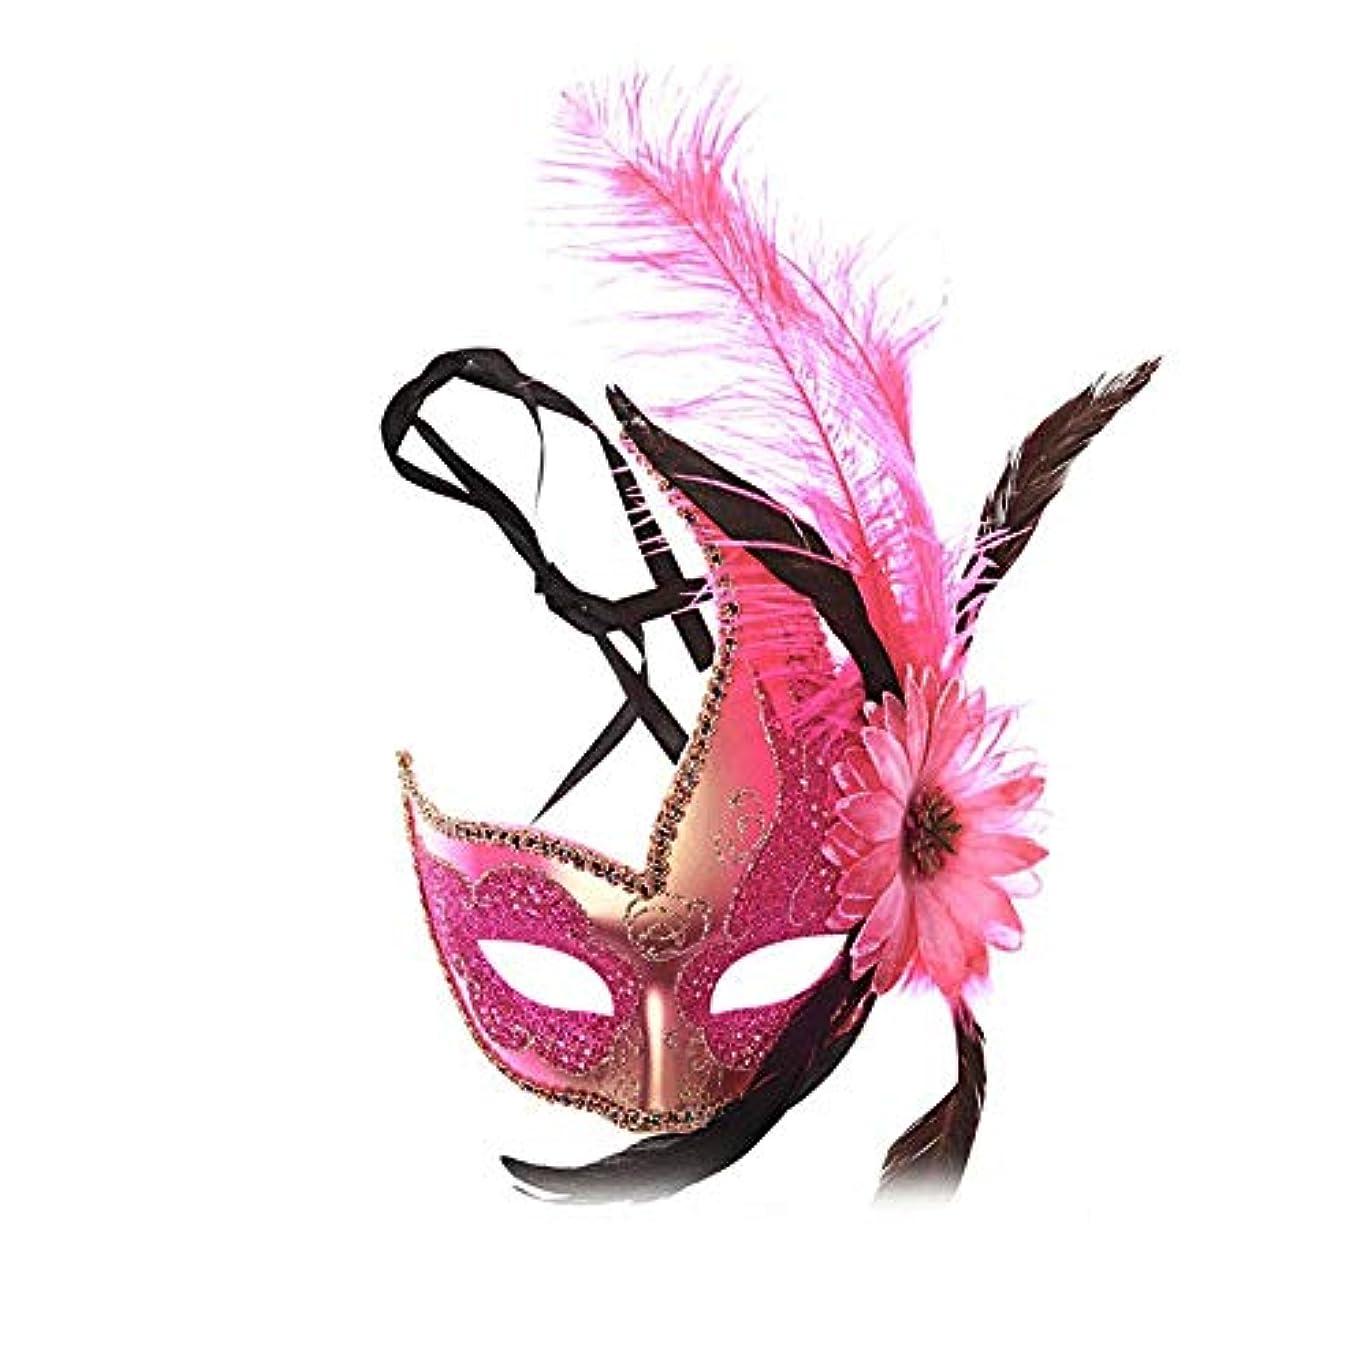 歯車服距離Nanle ハロウィンマスクハーフフェザーマスクベニスプリンセスマスク美容レース仮面ライダーコスプレ (色 : Style B rose red)